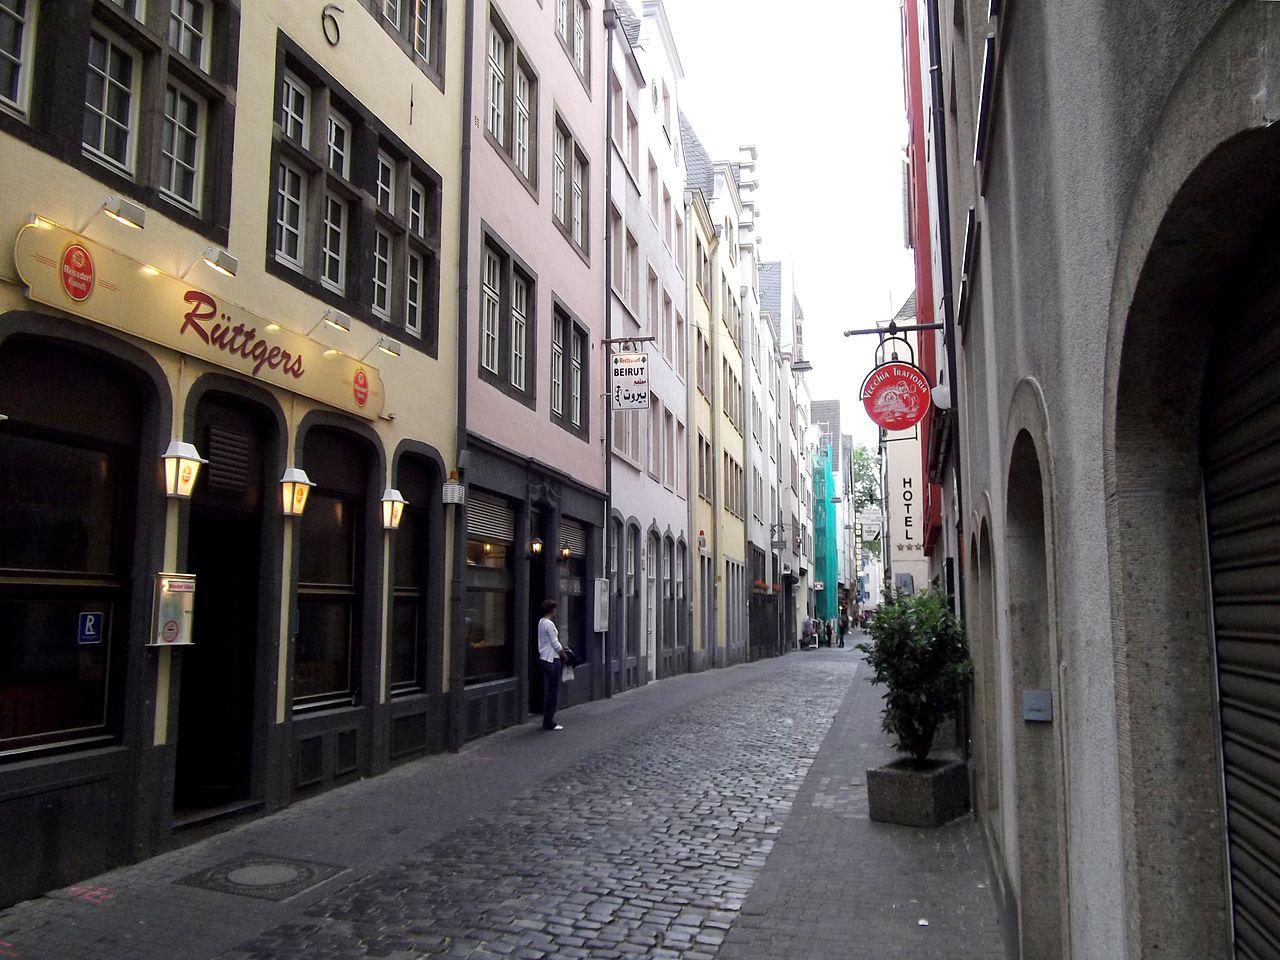 Кельн, Германия: развлечения, шопинг, что делать в городе, отзывы и советы туристов